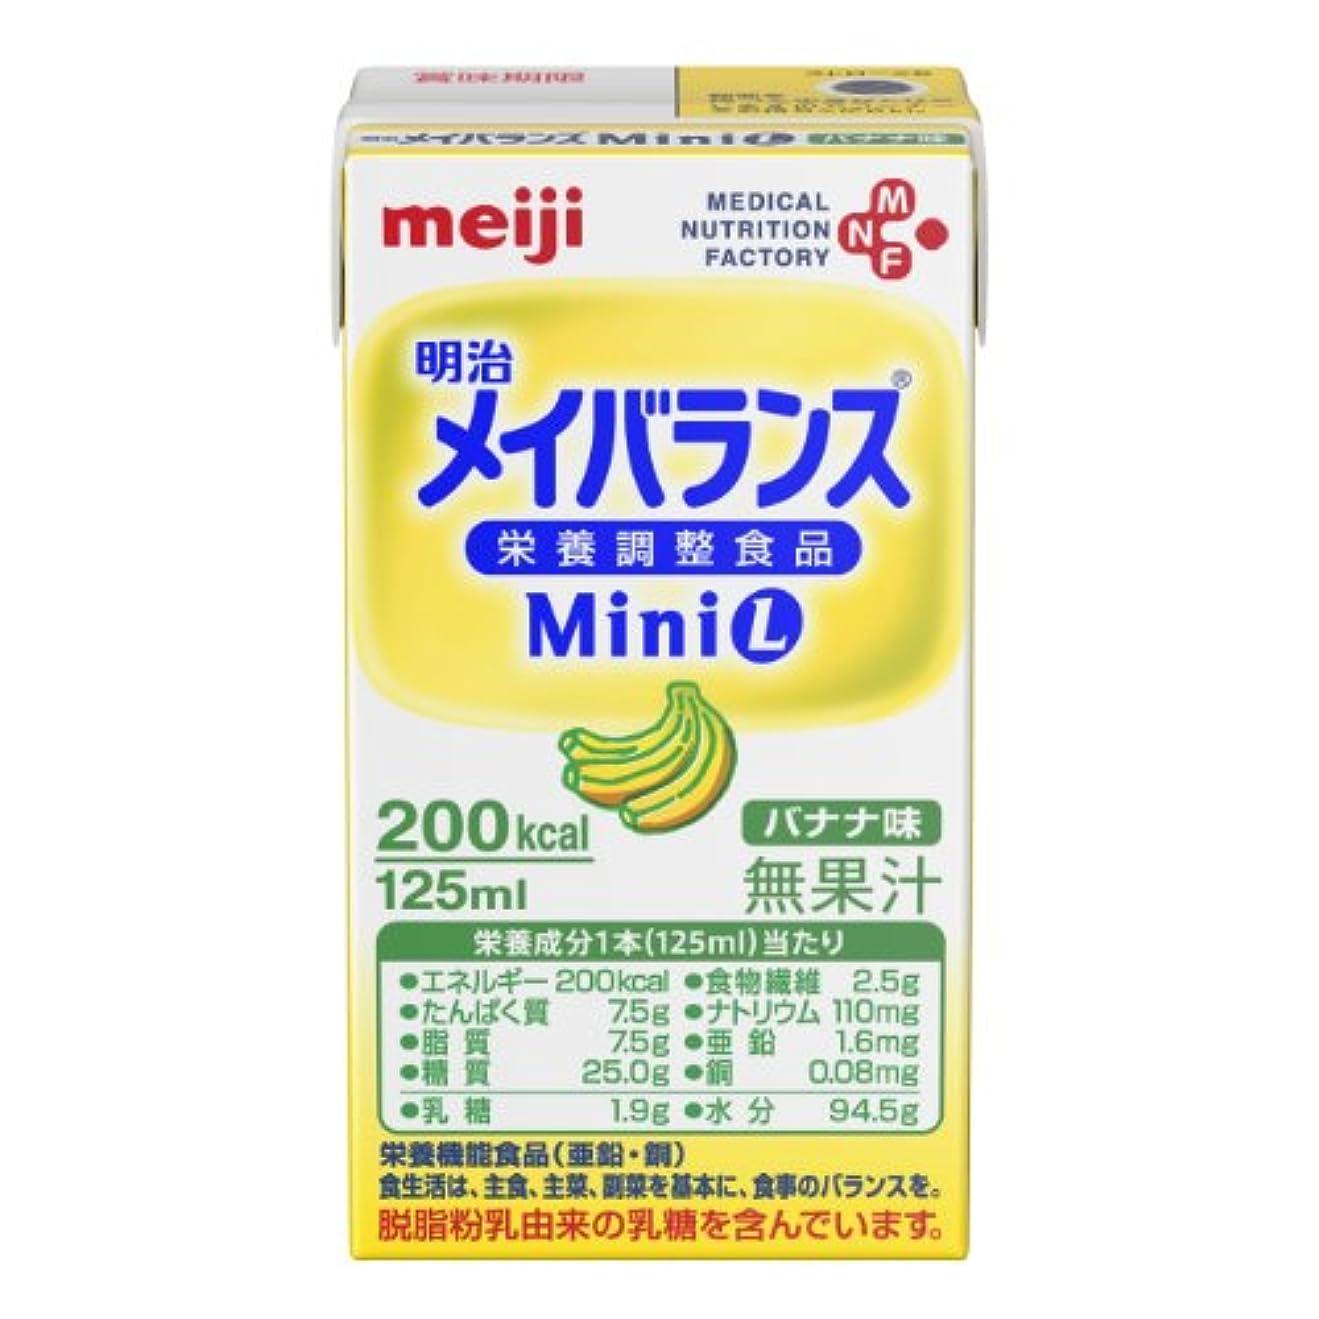 マークダウン温度計むき出し【明治】メイバランス Mini バナナ味 125ml